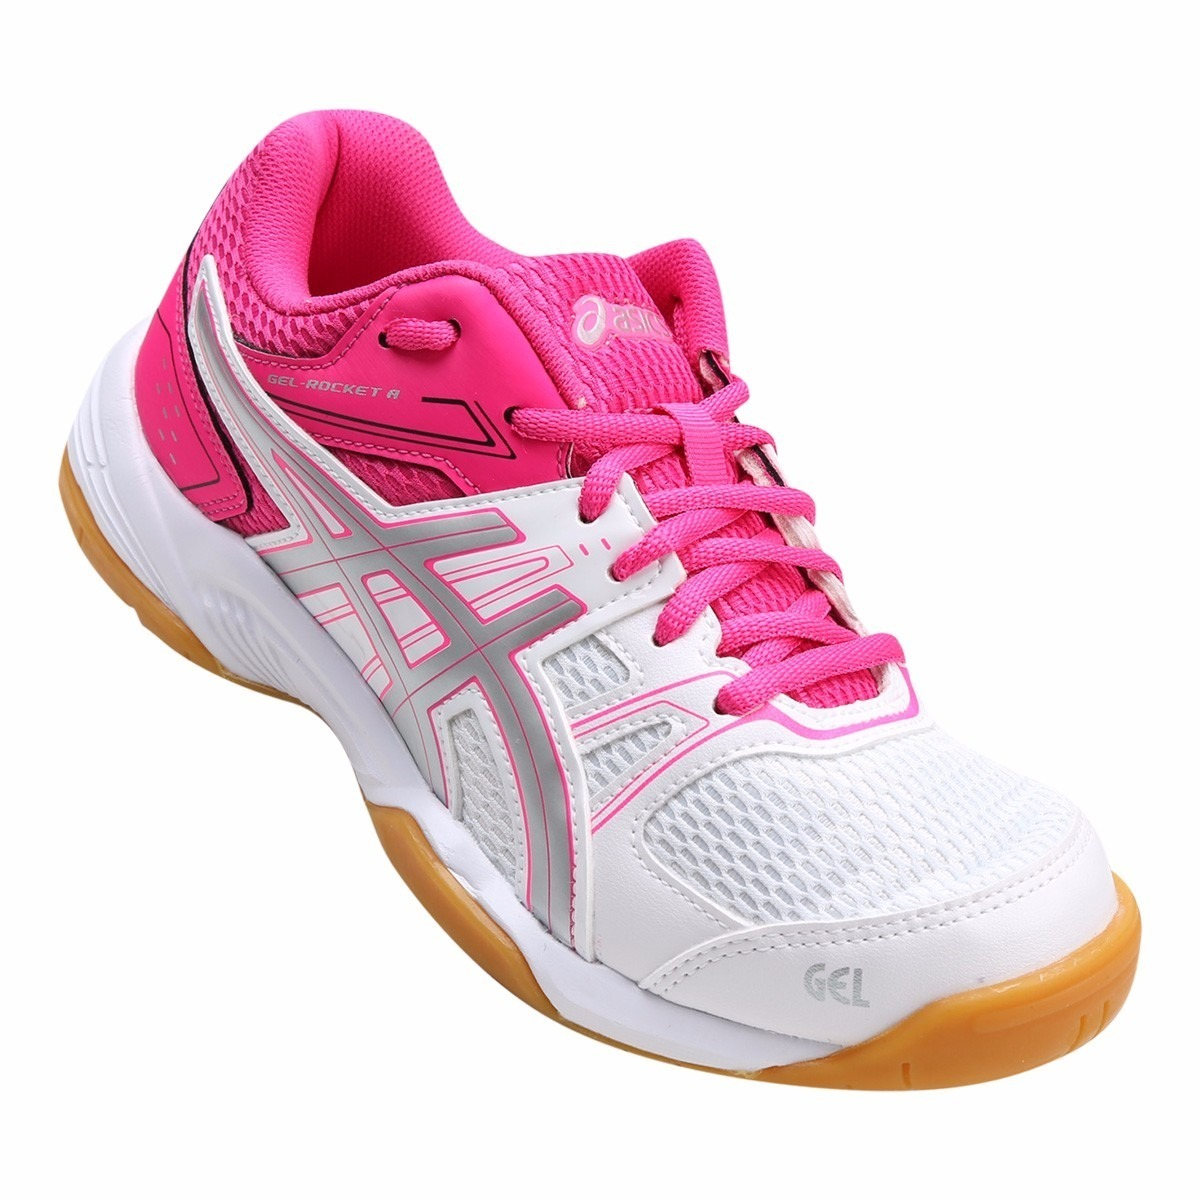 tênis asics gel rocket 7 a vôlei squash tennis - promoção. Carregando zoom. 2e2451a2d317a